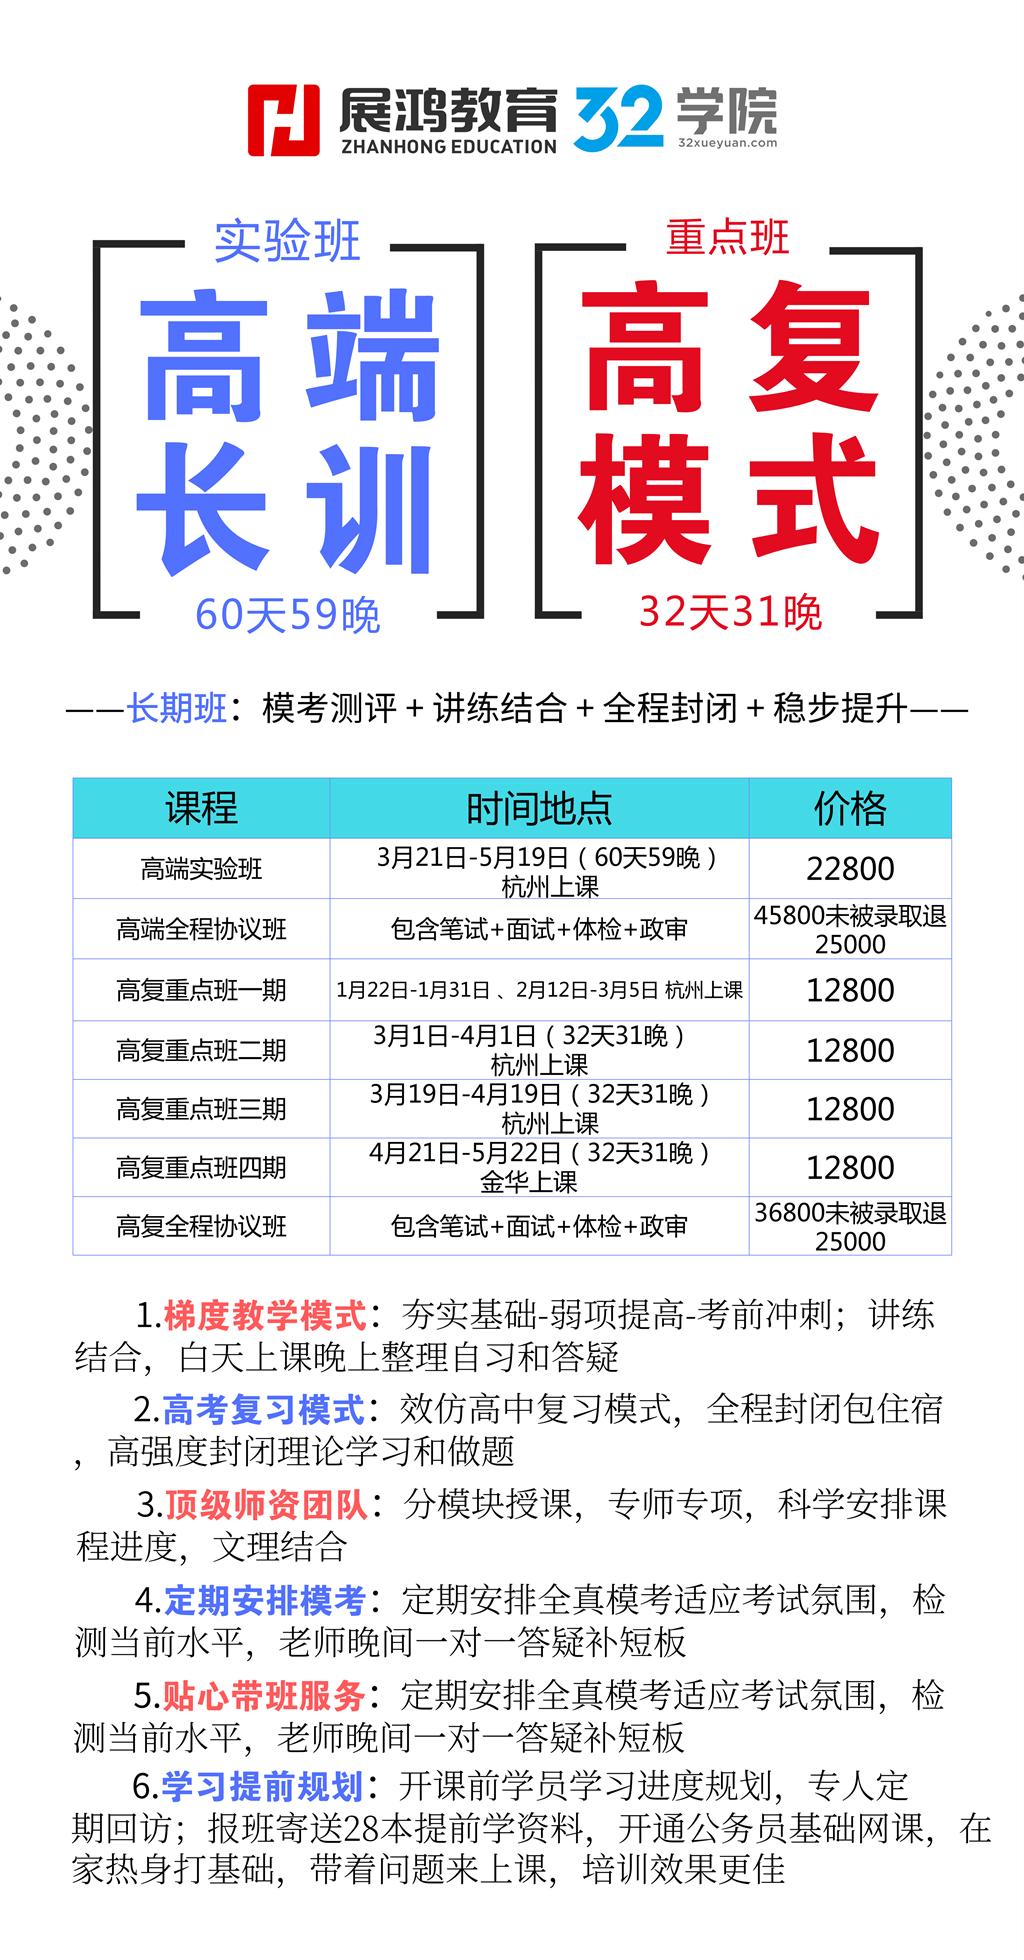 默认标题_自定义cm_2019.01.08 (1).png